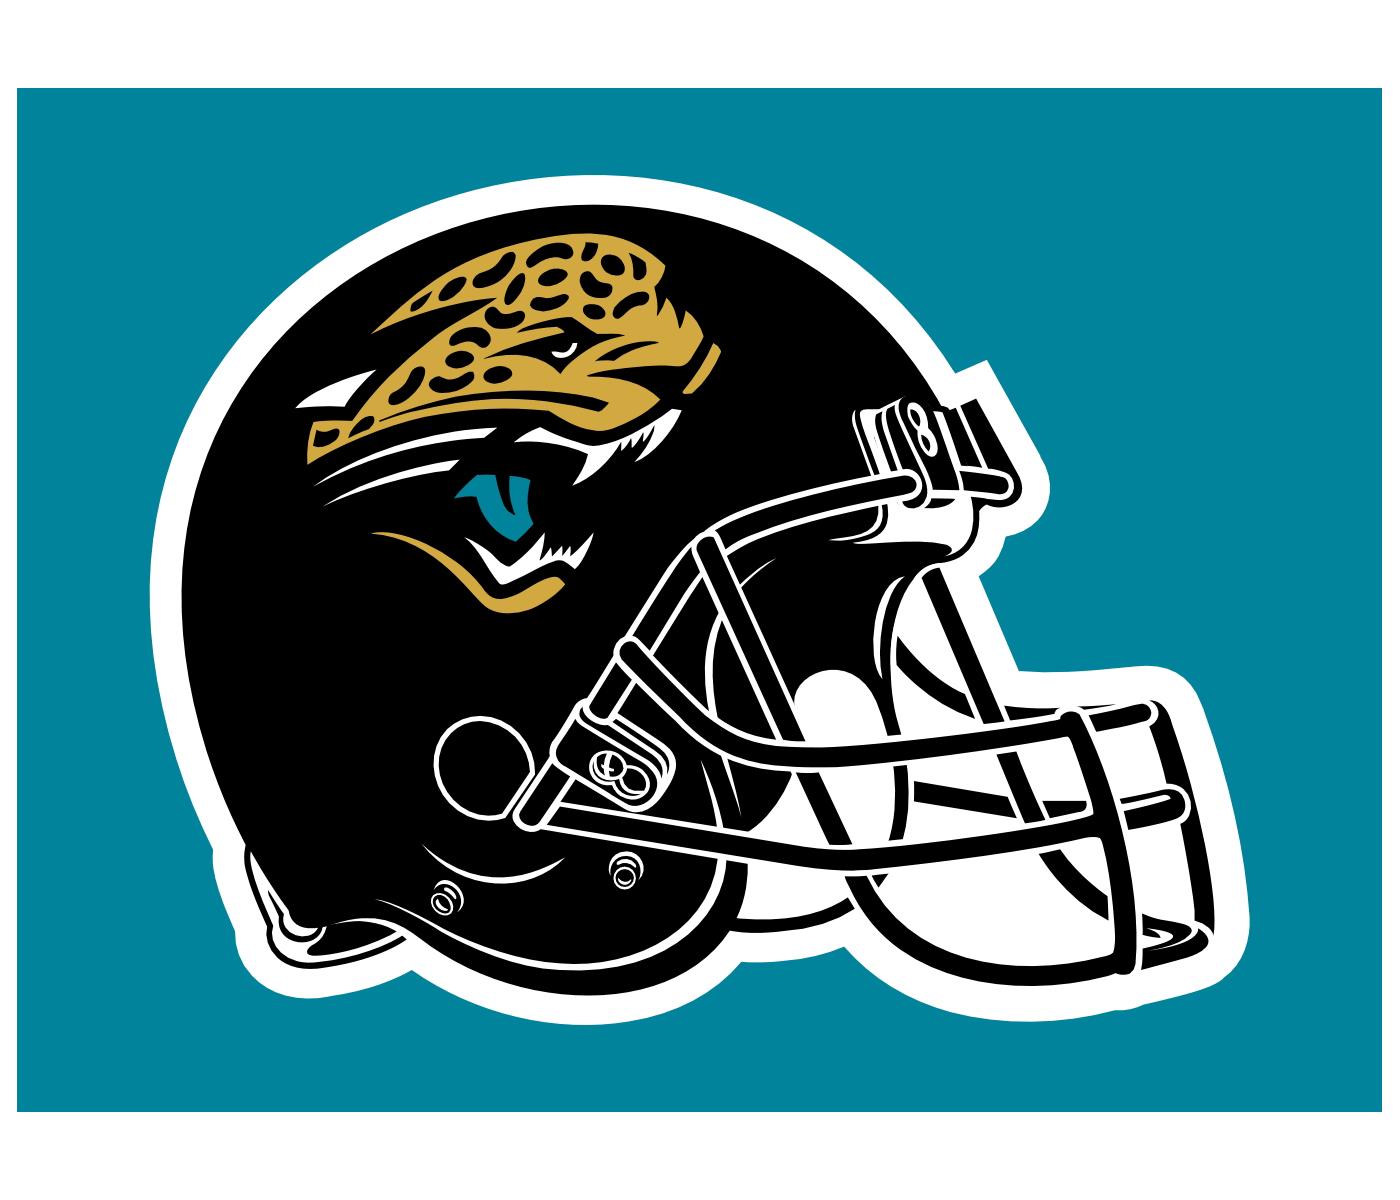 Jacksonville Jaguars helmet logo - Jacksonville Jaguars Logo PNG